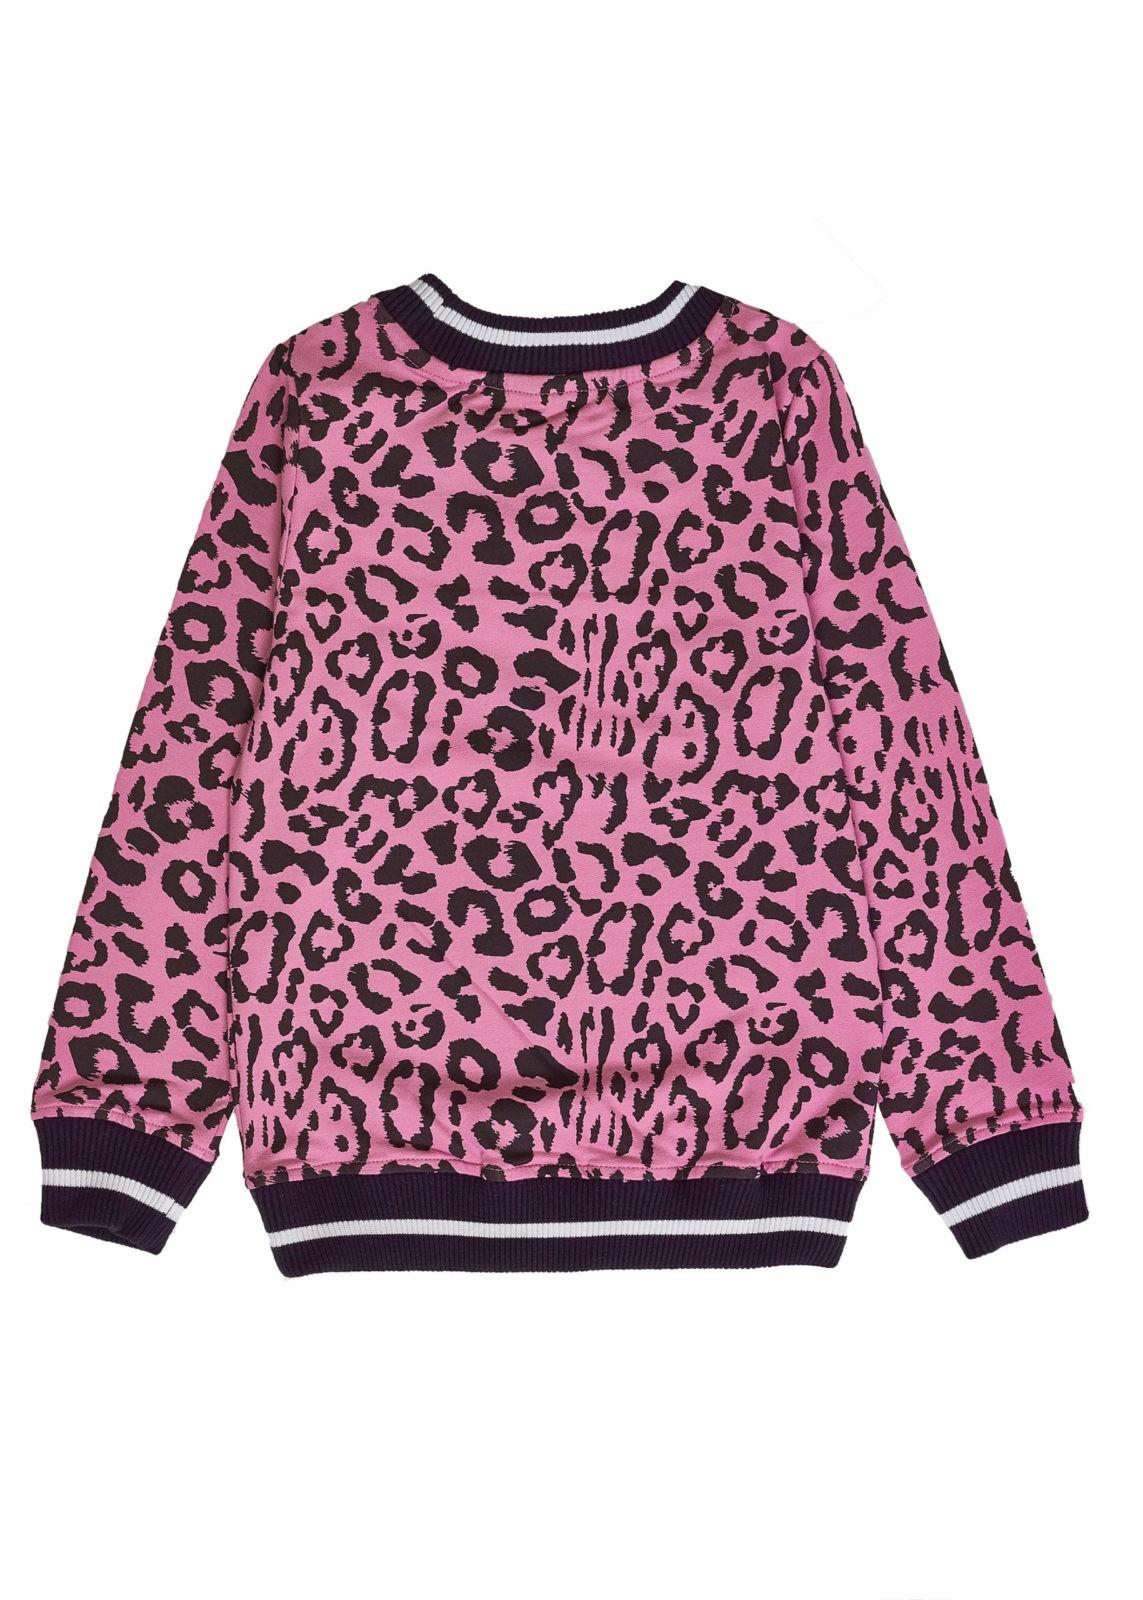 Dívčí mikina Leopard Růžová